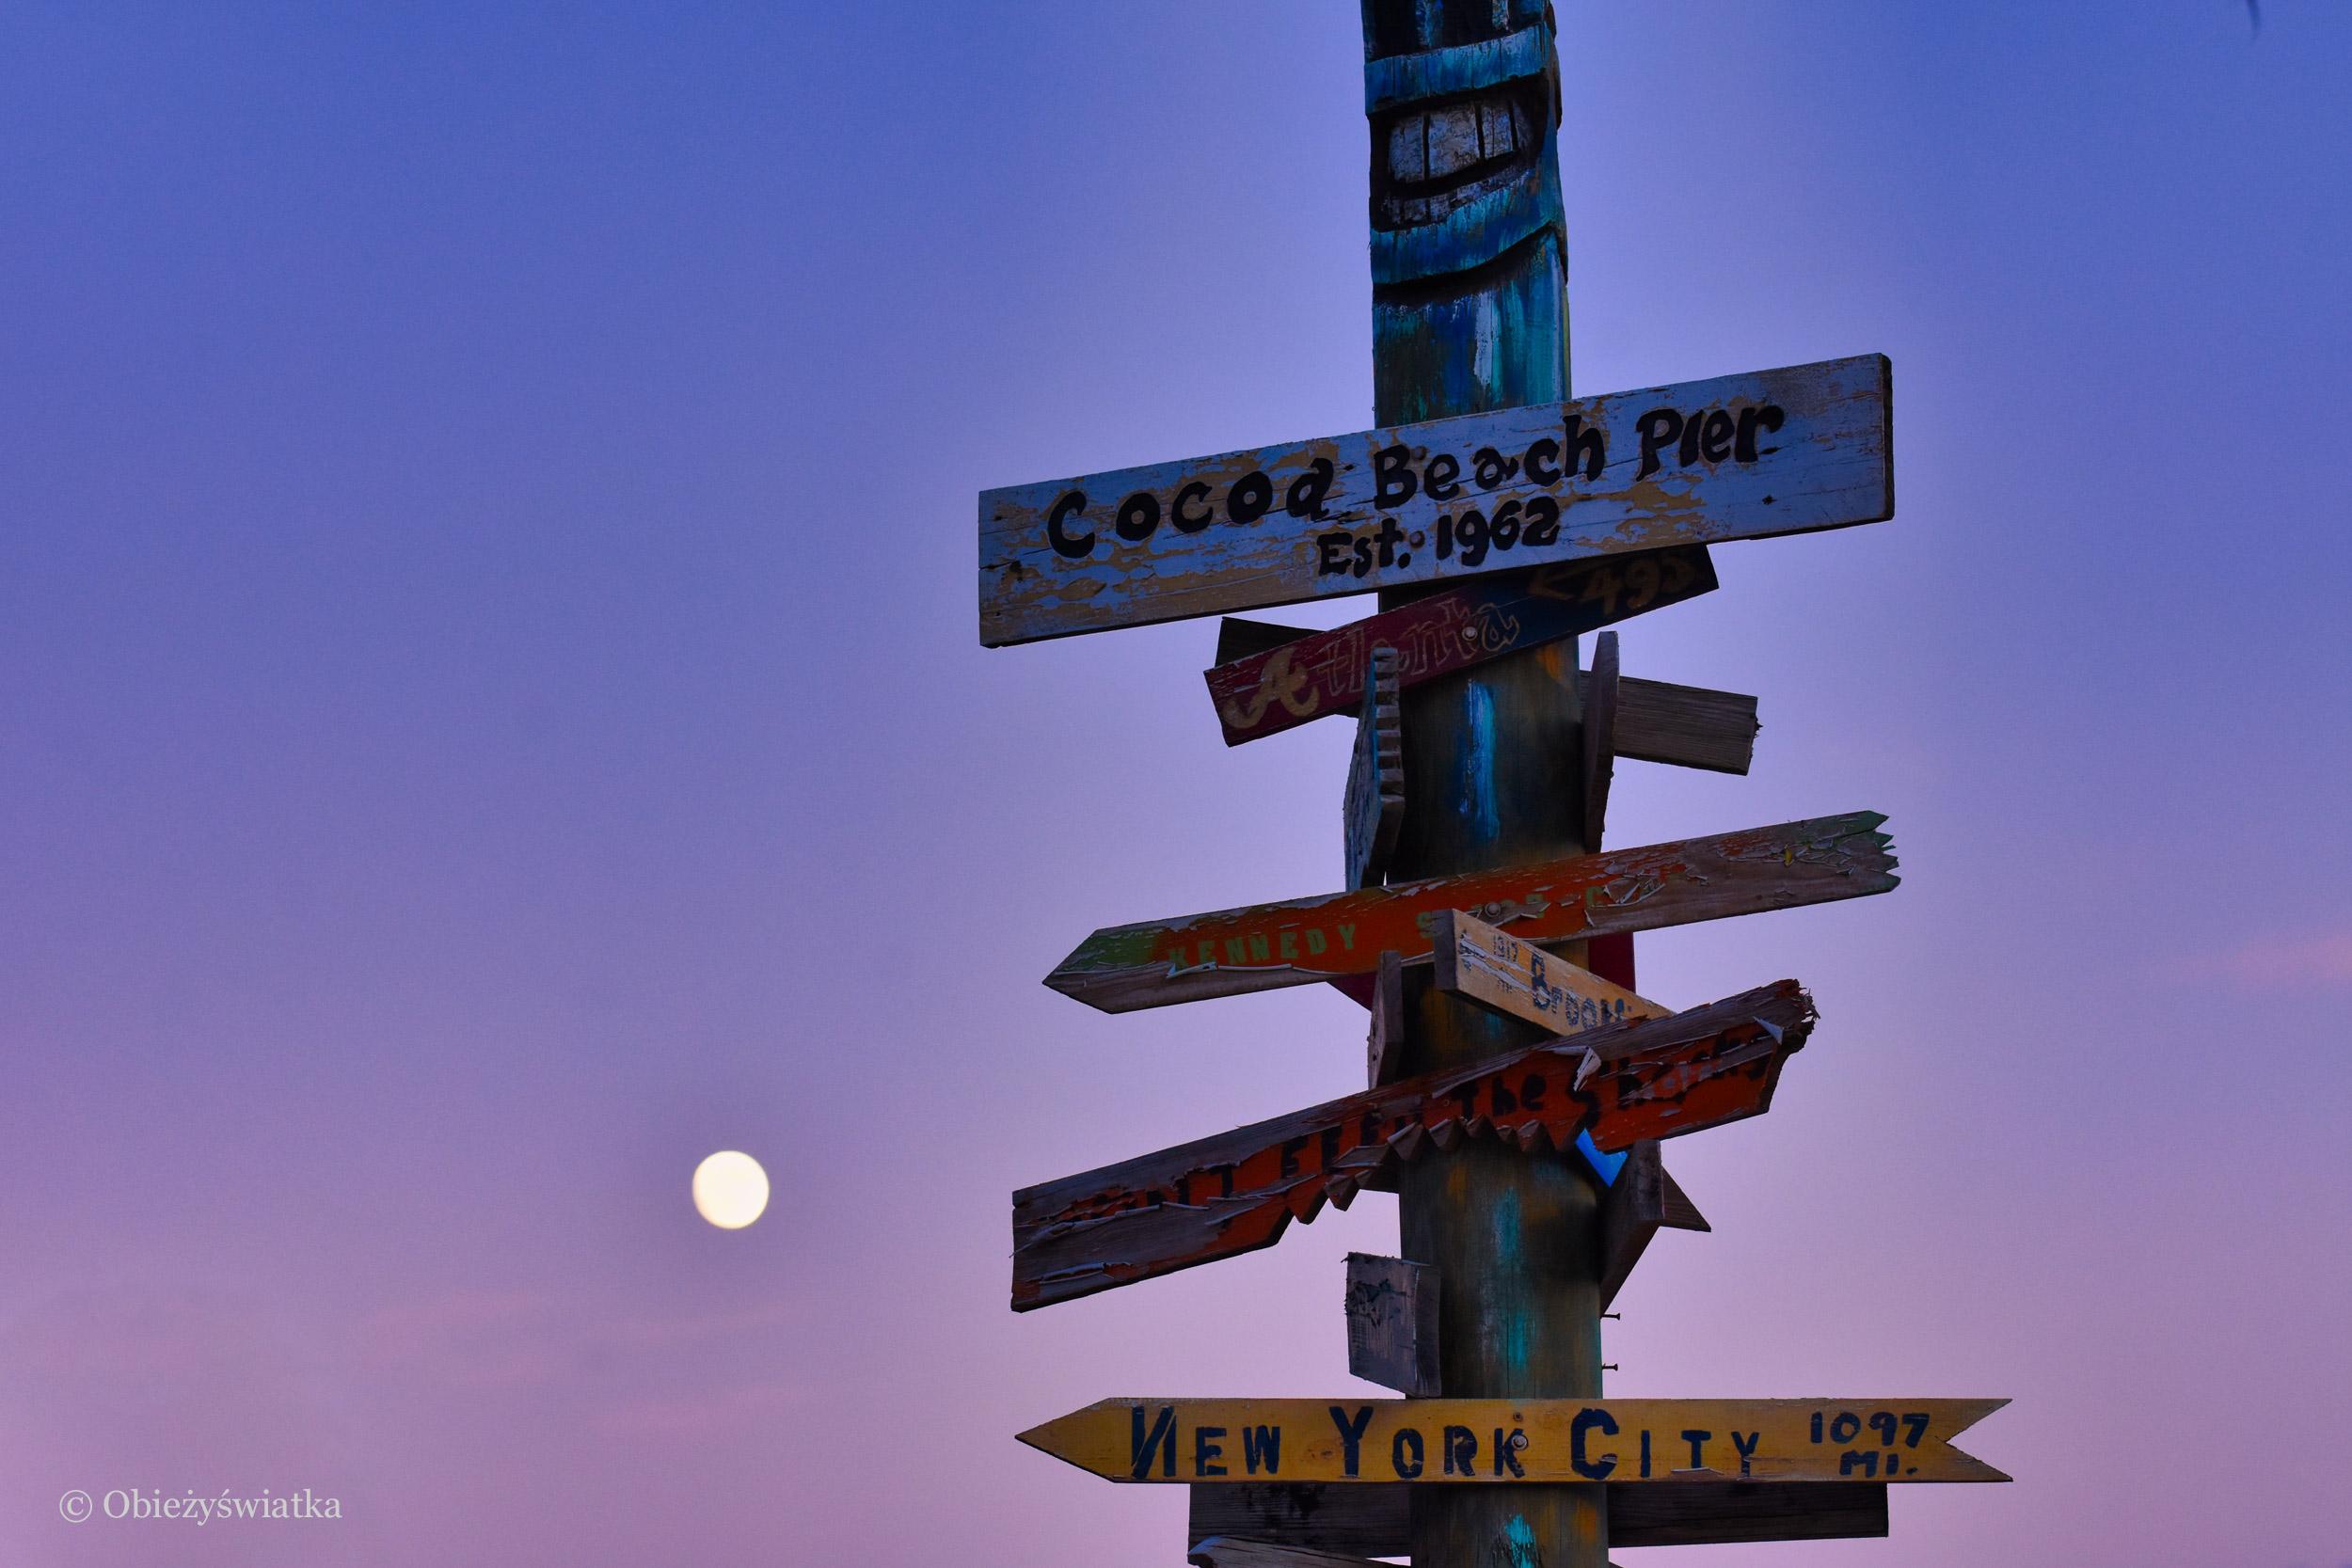 Drogowskaz, Cocoa Beach, Floryda